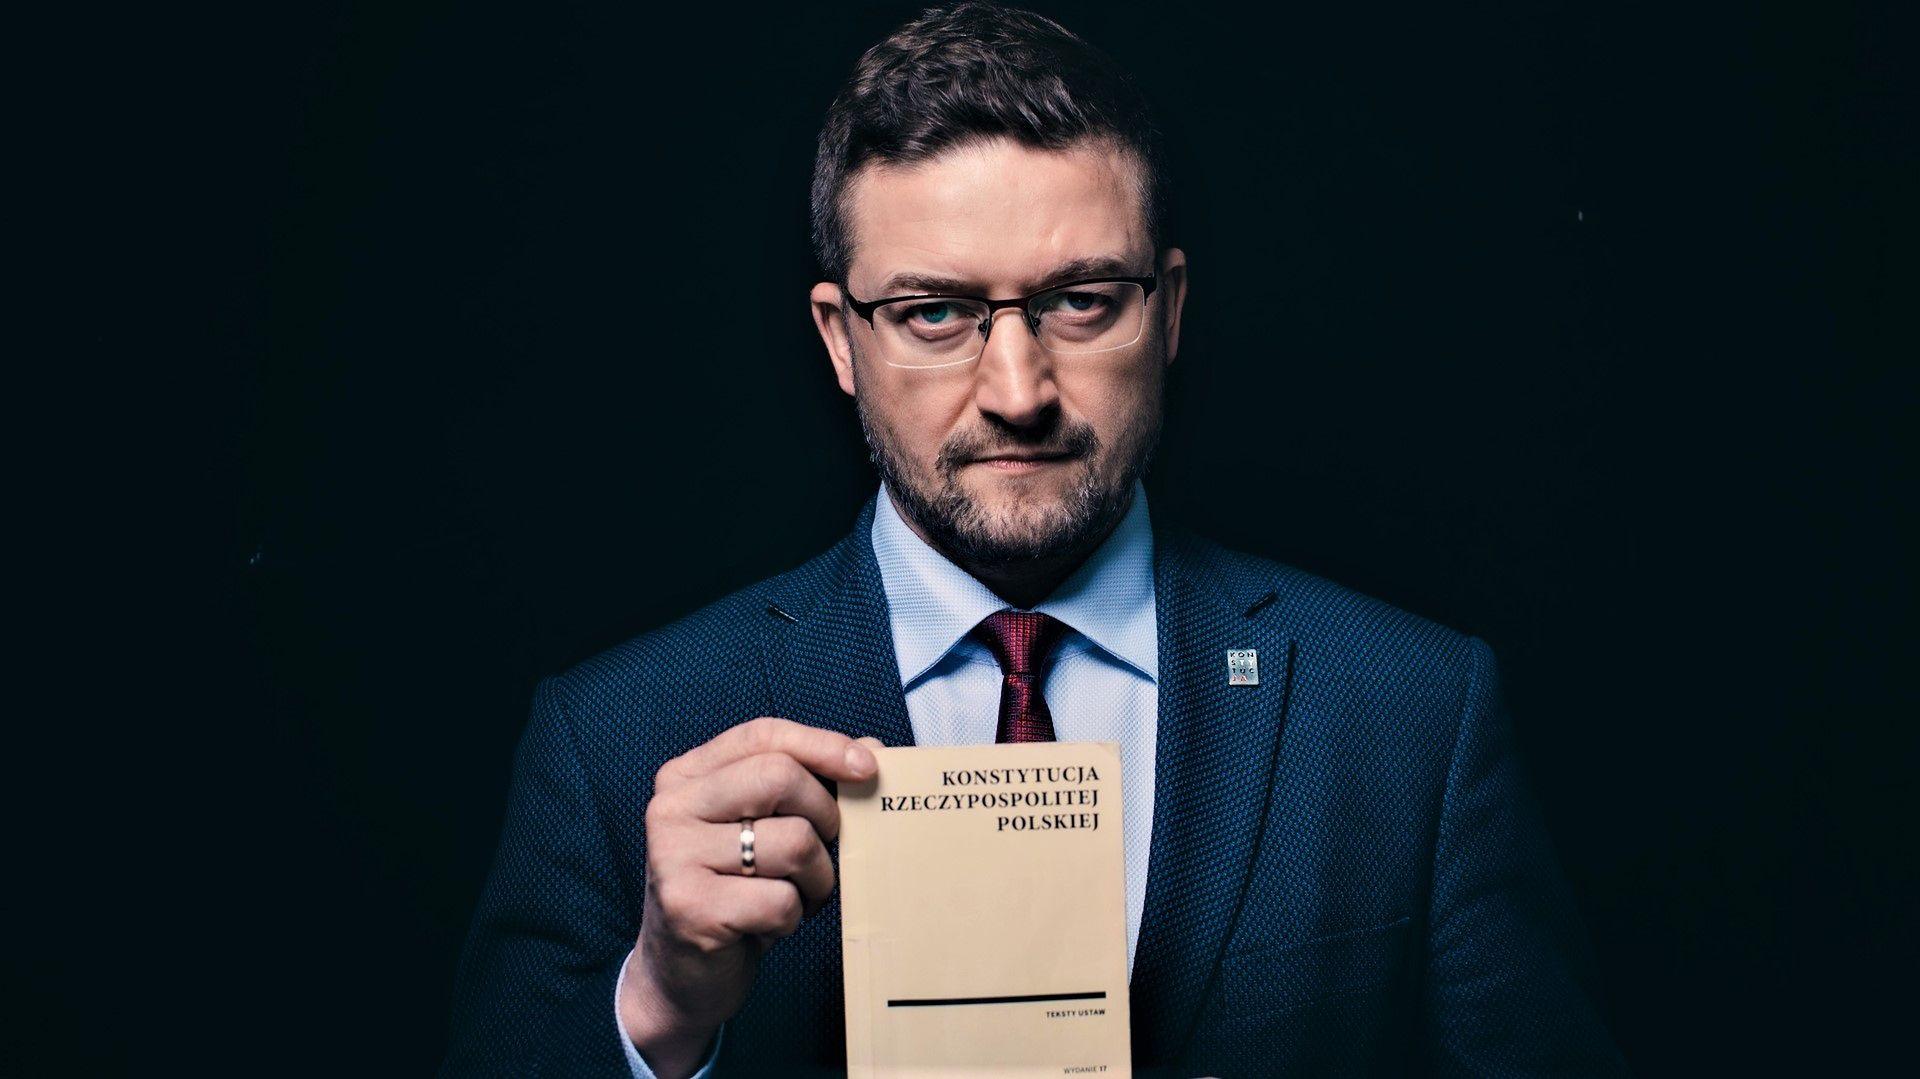 Sędzia Paweł Juszczyszyn ma zakaz orzekania. Zakaz wydał sąd, który uznaje tylko strona rządowa